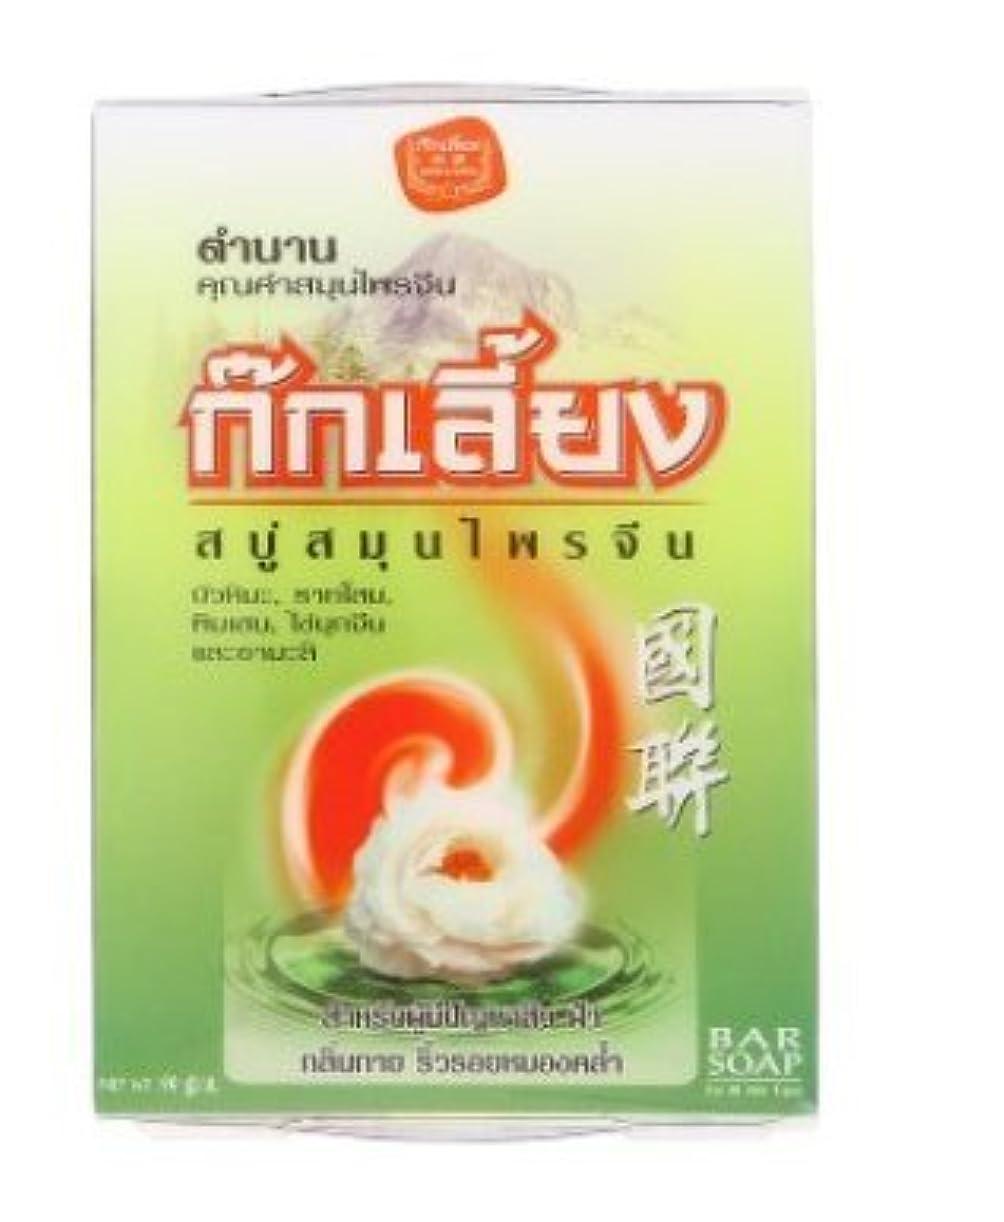 近傍スローシガレットAsian Mall 中国語 ハーブソープ 顔と体のため ( 90g x 2pcs ) / Chinese Herbal Bar Soap for Face and Body Kok Liang